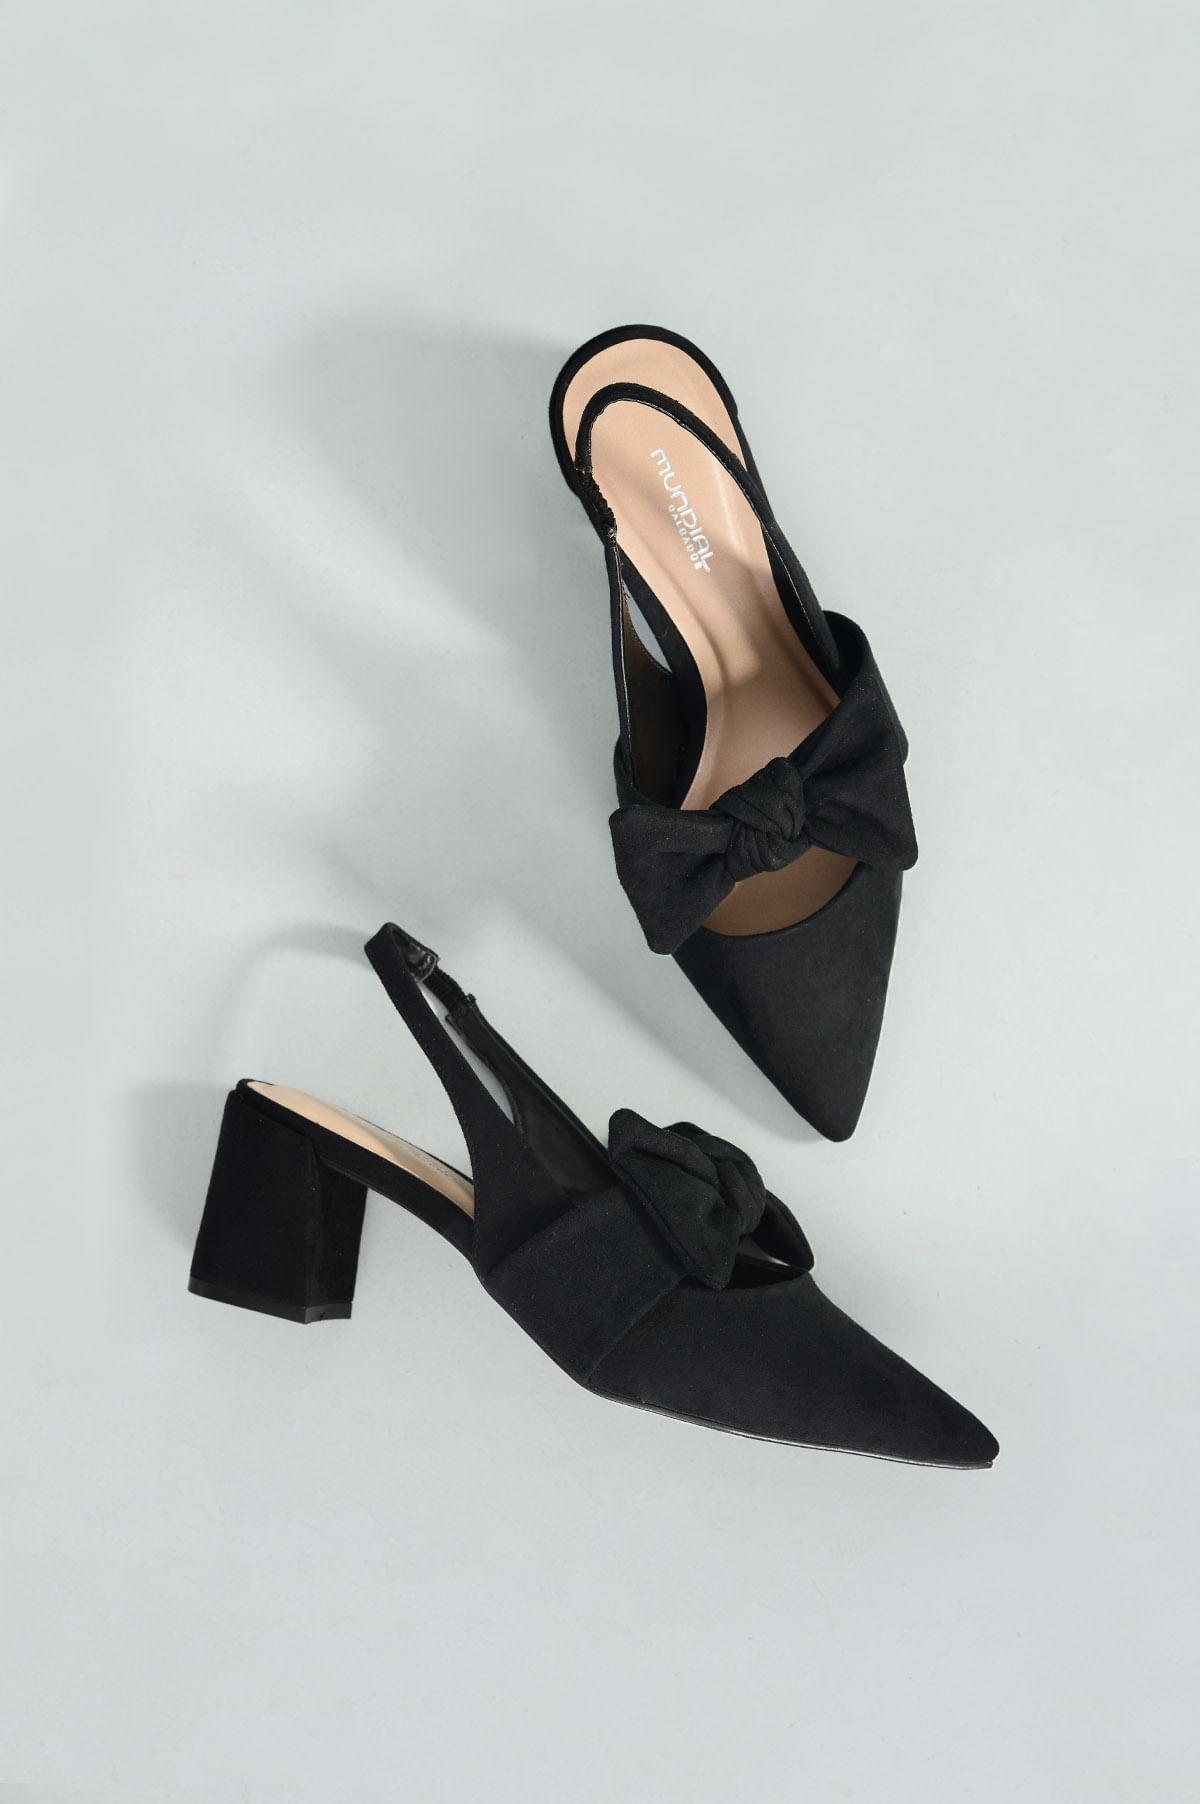 a1eb1f4d278 Sapato Feminino Salto Alto Tarcila Mundial NB - PRETO - Mundial Calçados